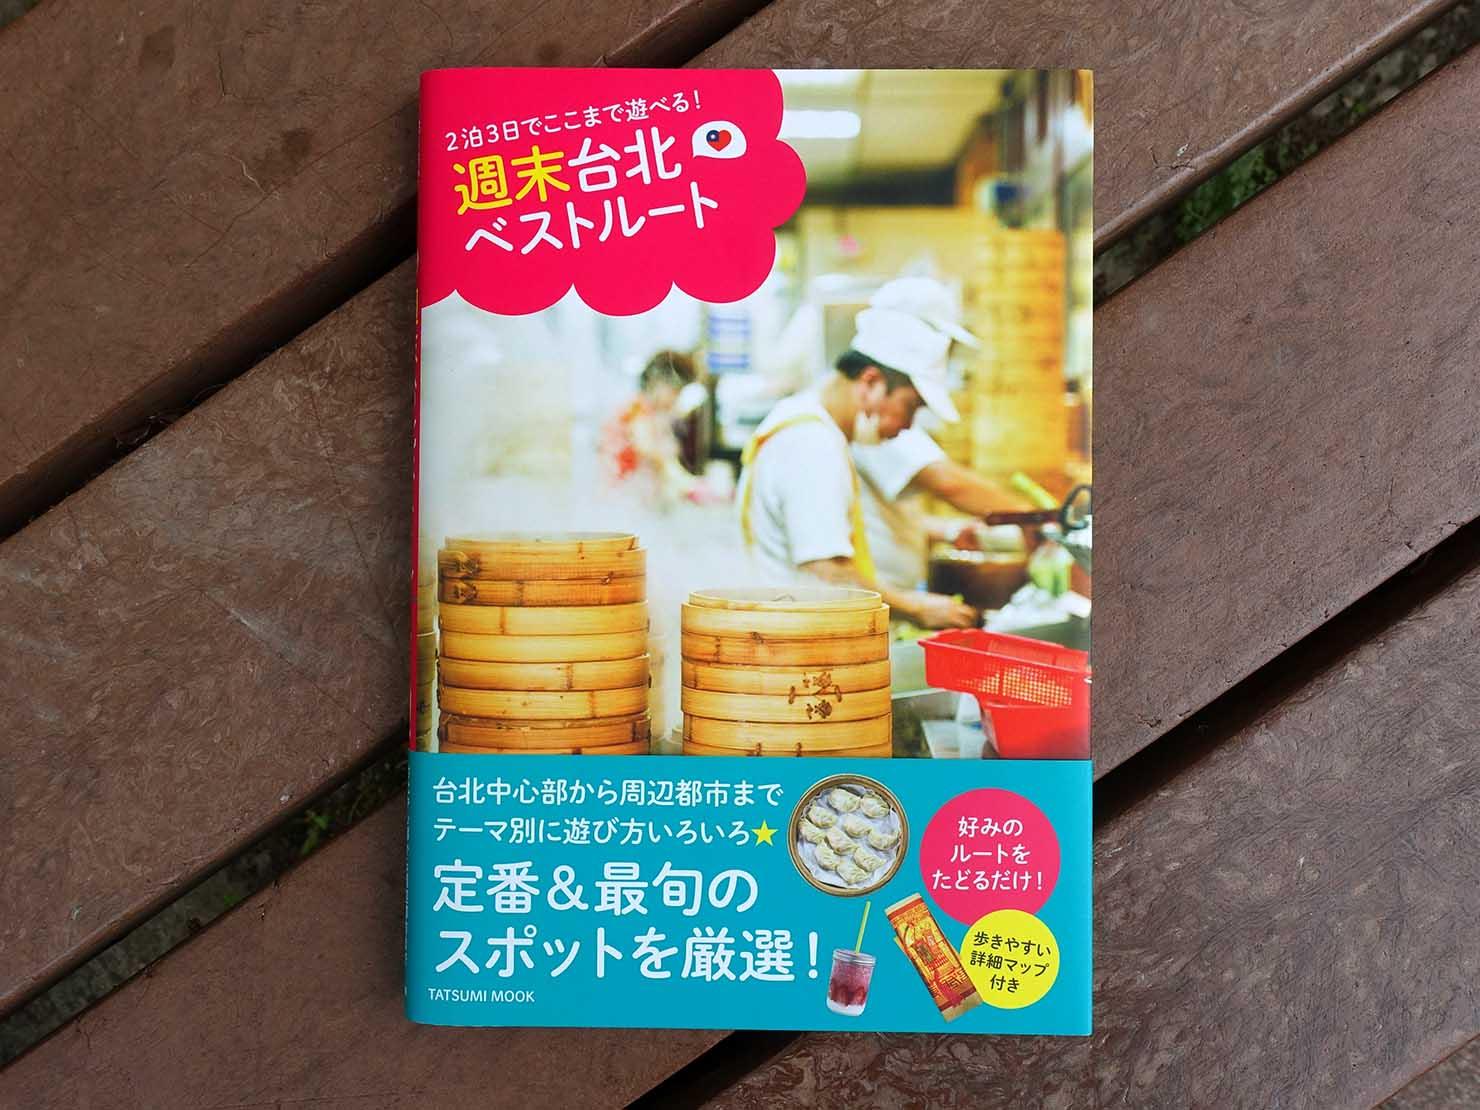 台北旅行におすすめのガイドブック『2泊3日でここまで遊べる!週末台北ベストルート』